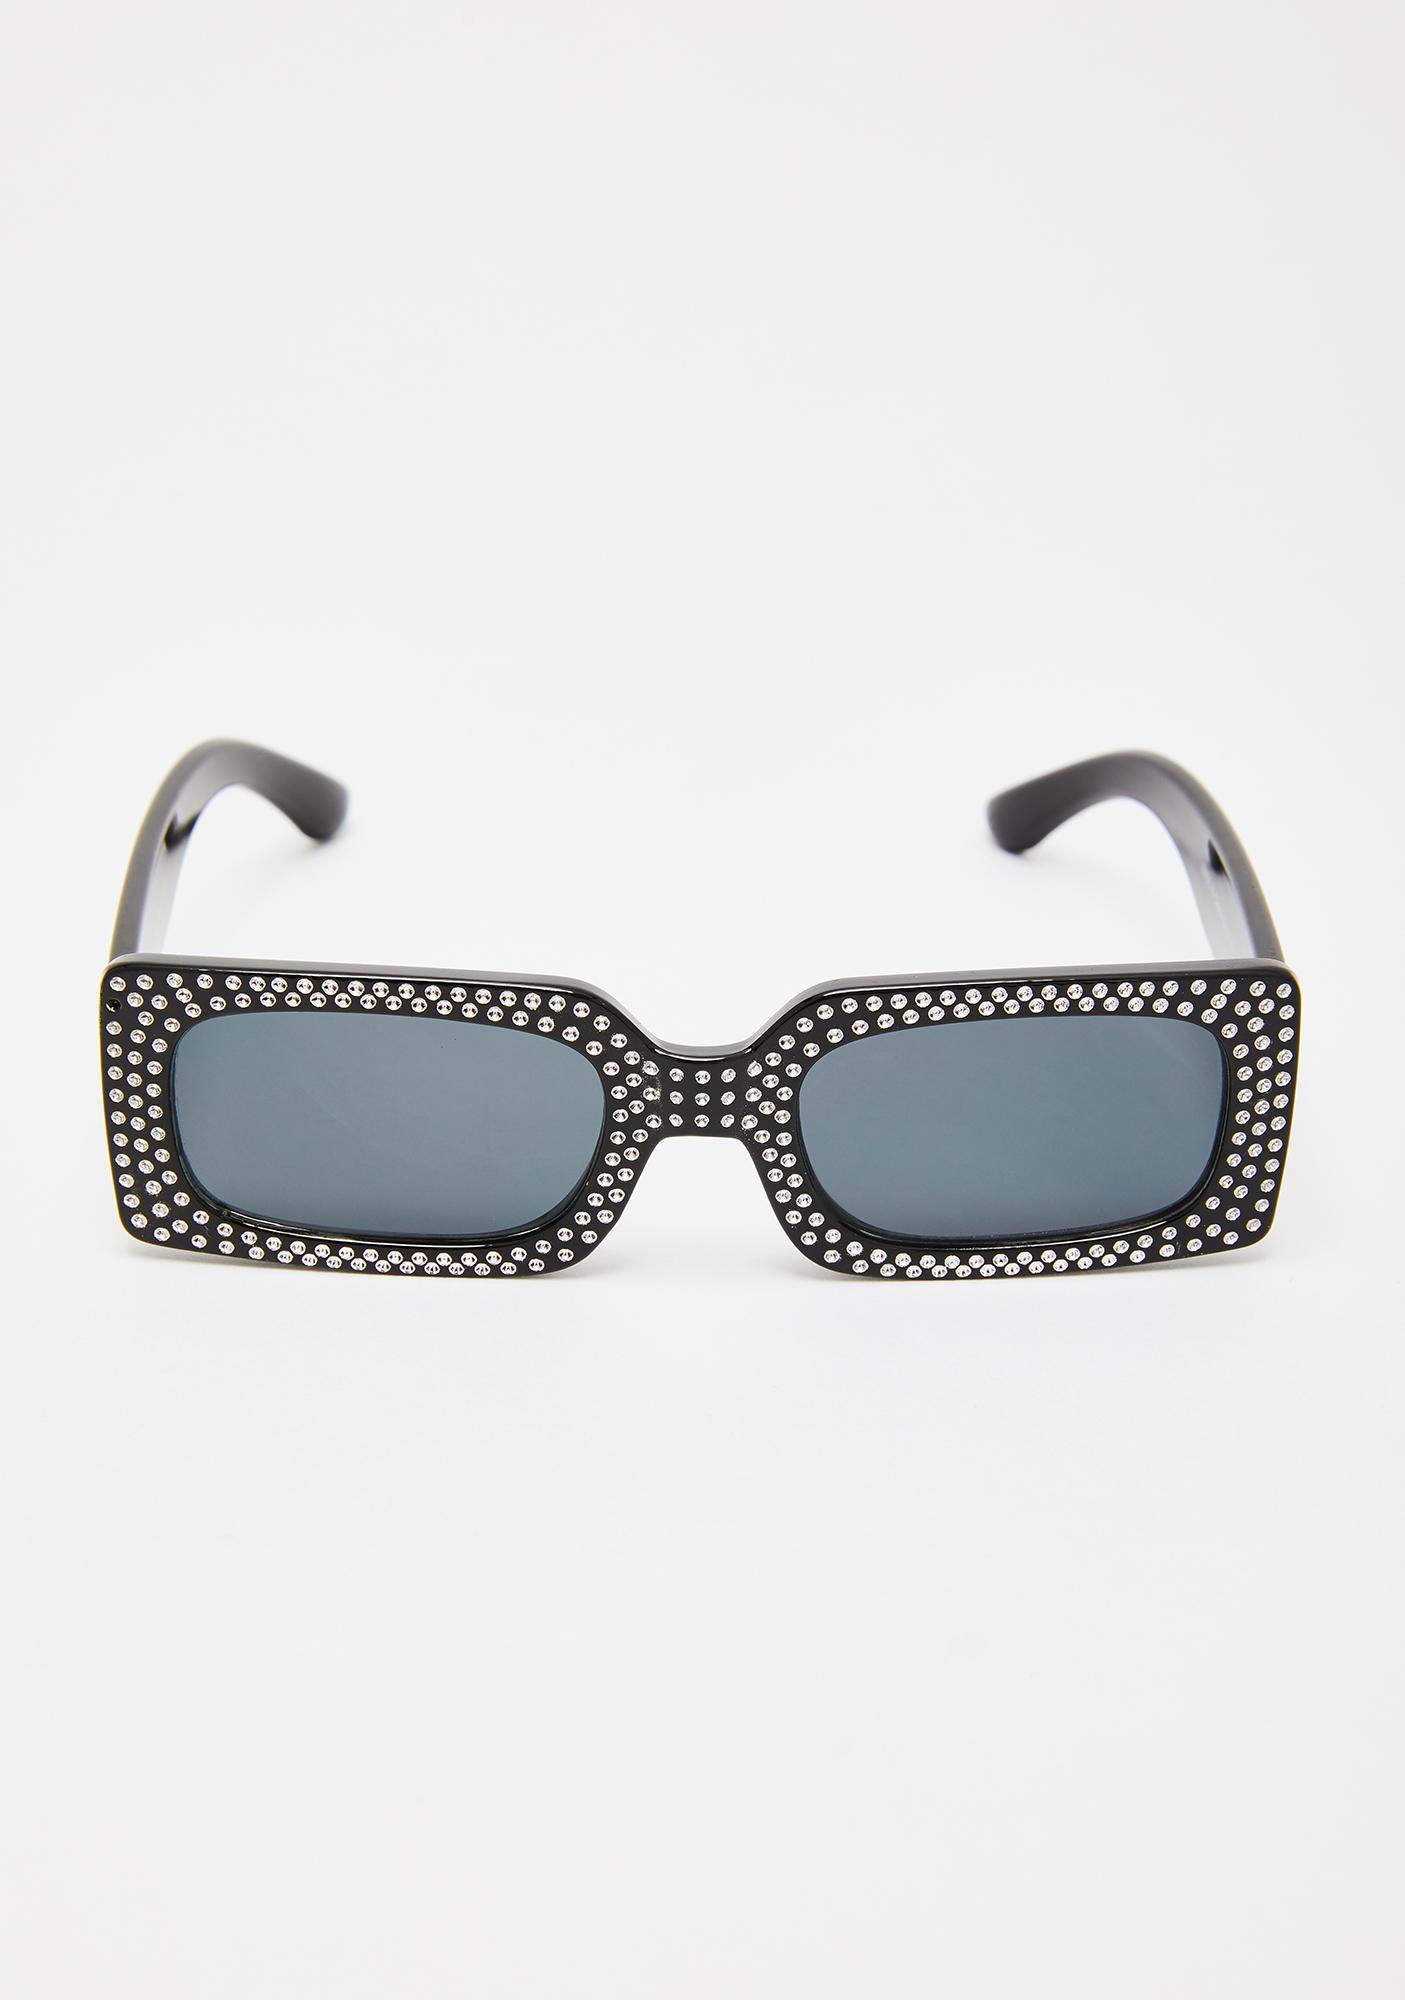 Bada-Bing Rhinestone Sunglasses